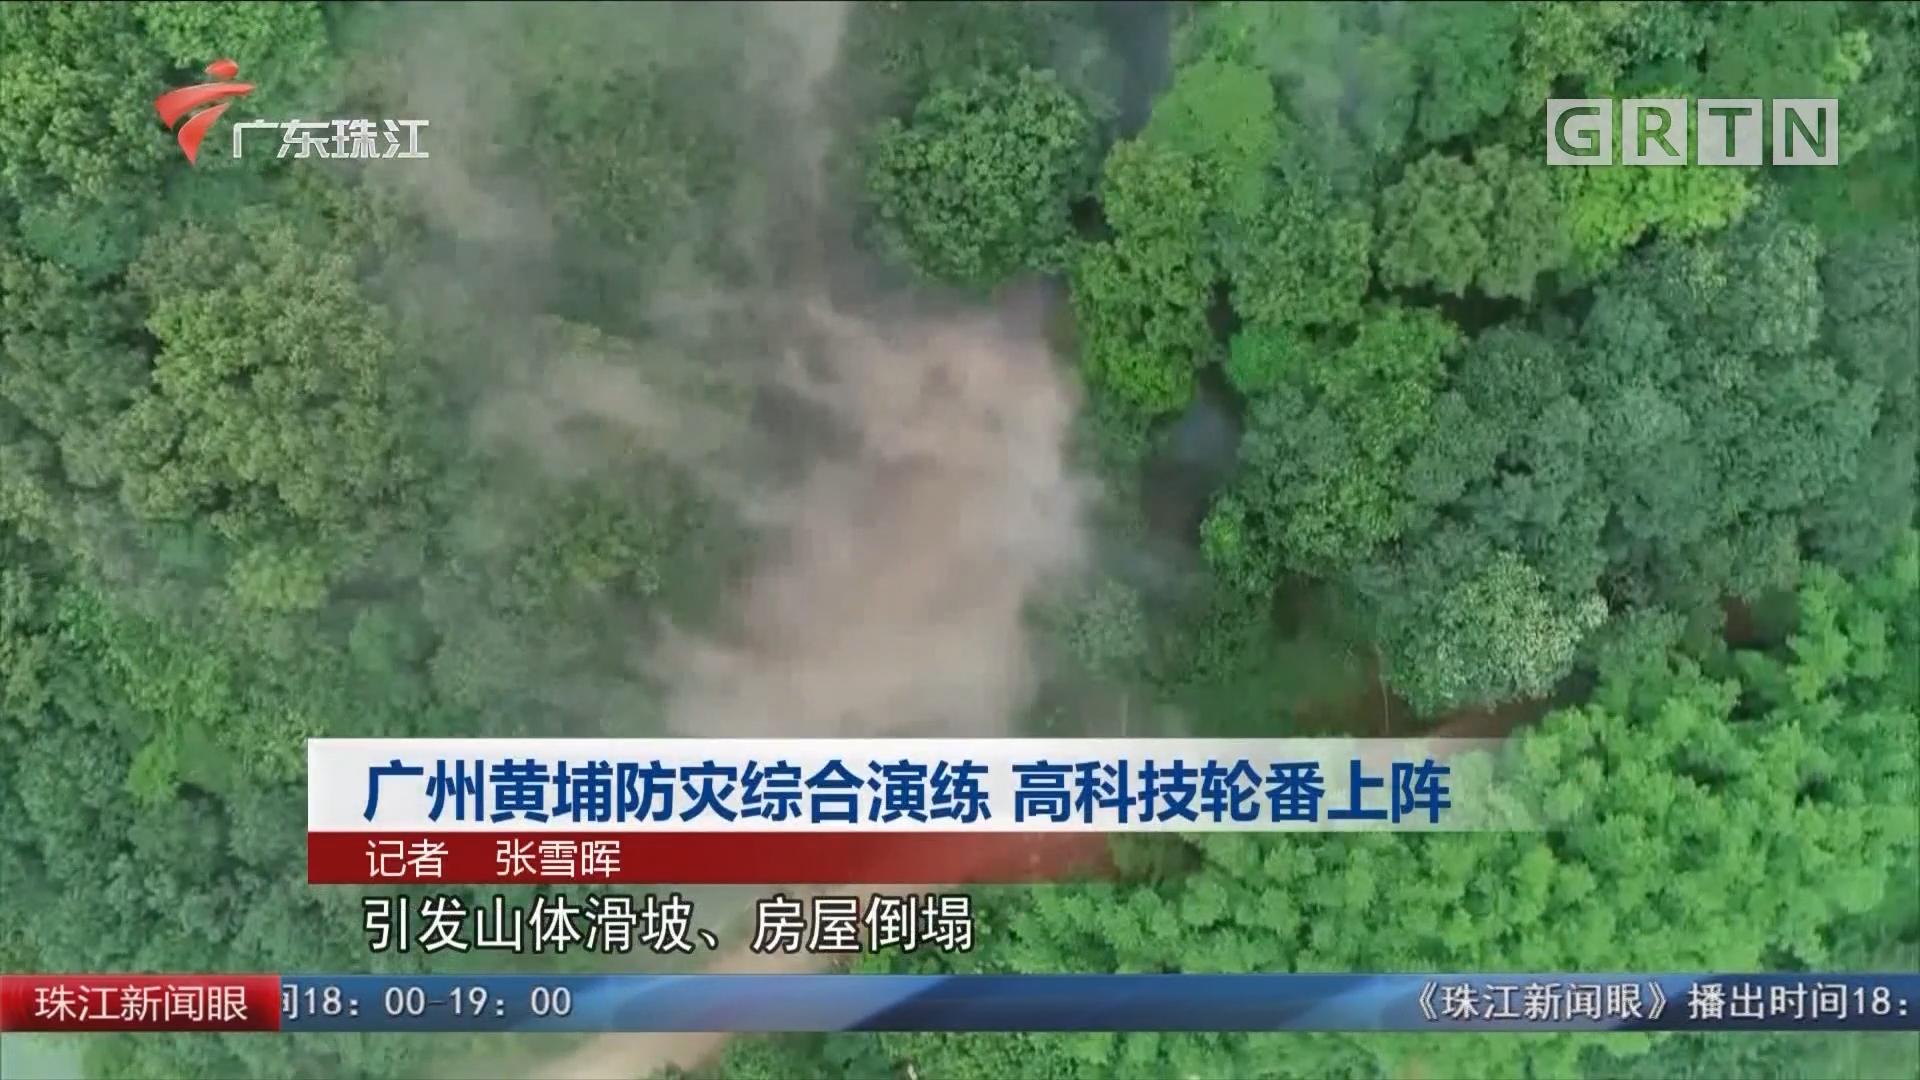 廣州黃埔防災綜合演練 高科技輪番上陣